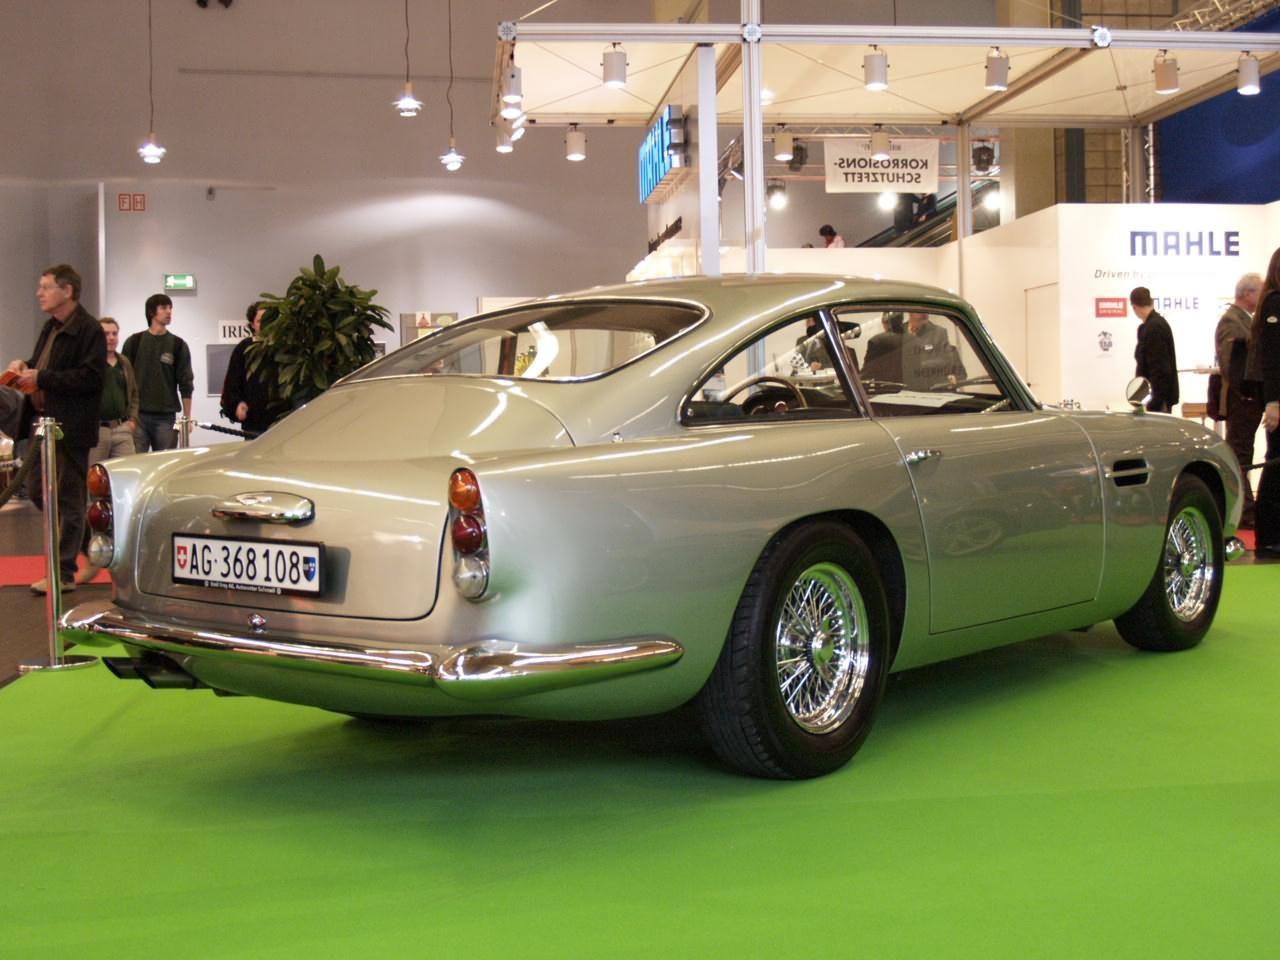 Aston Martin Db5 Das James Bond Auto Schlechthin James Bond Auto Bond Auto Aston Martin Db5